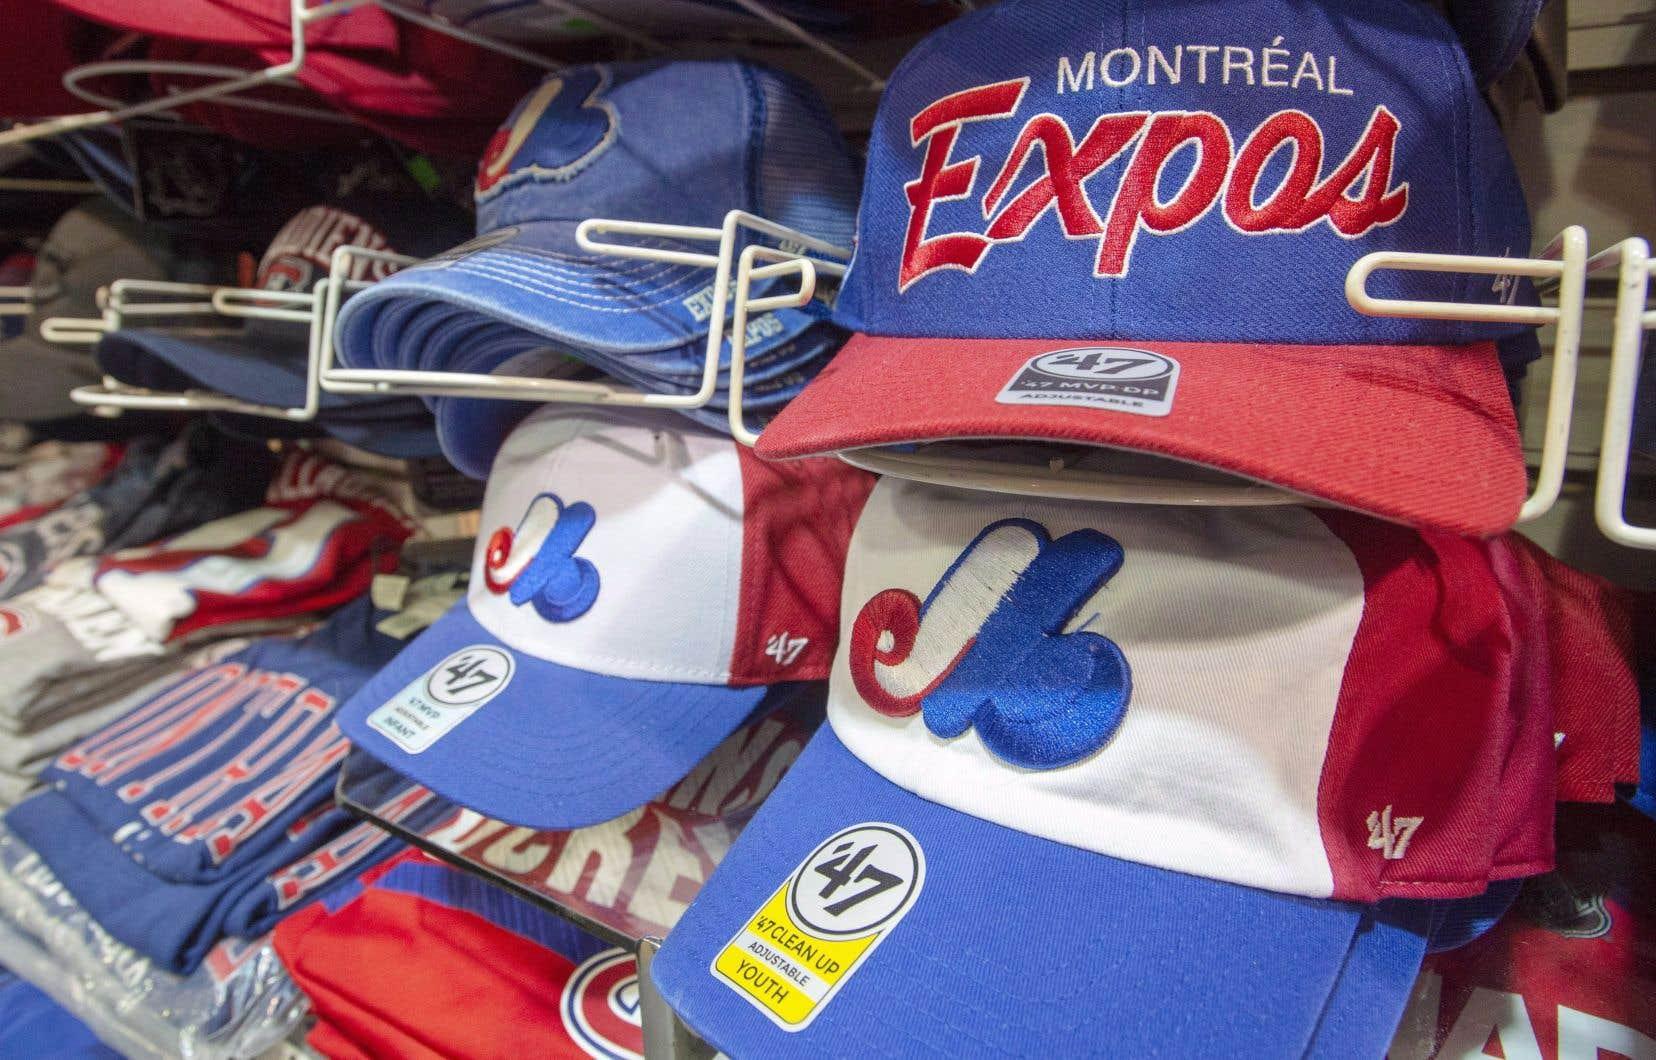 «J'aimerais exposer les raisons pour lesquelles je me rebelle à l'idée que le baseball professionnel pourrait faire un retour chez nous — comme si nous n'avions donc pas tiré les dures leçons de la triste fin des Expos», écritGérard Bouchard.